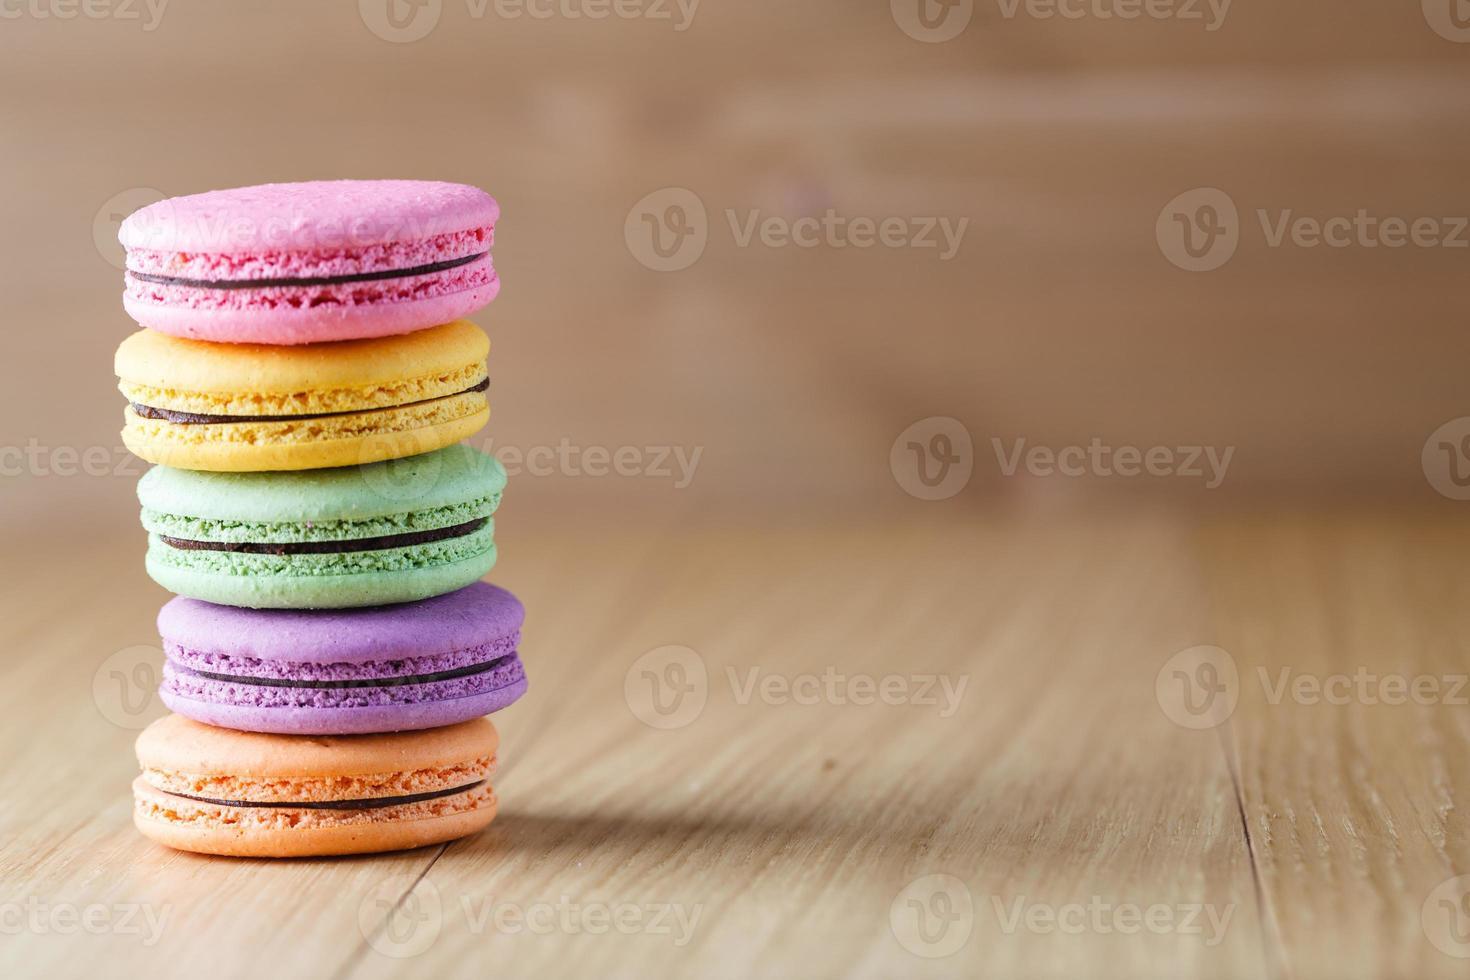 fünf bunte französische Macaron foto